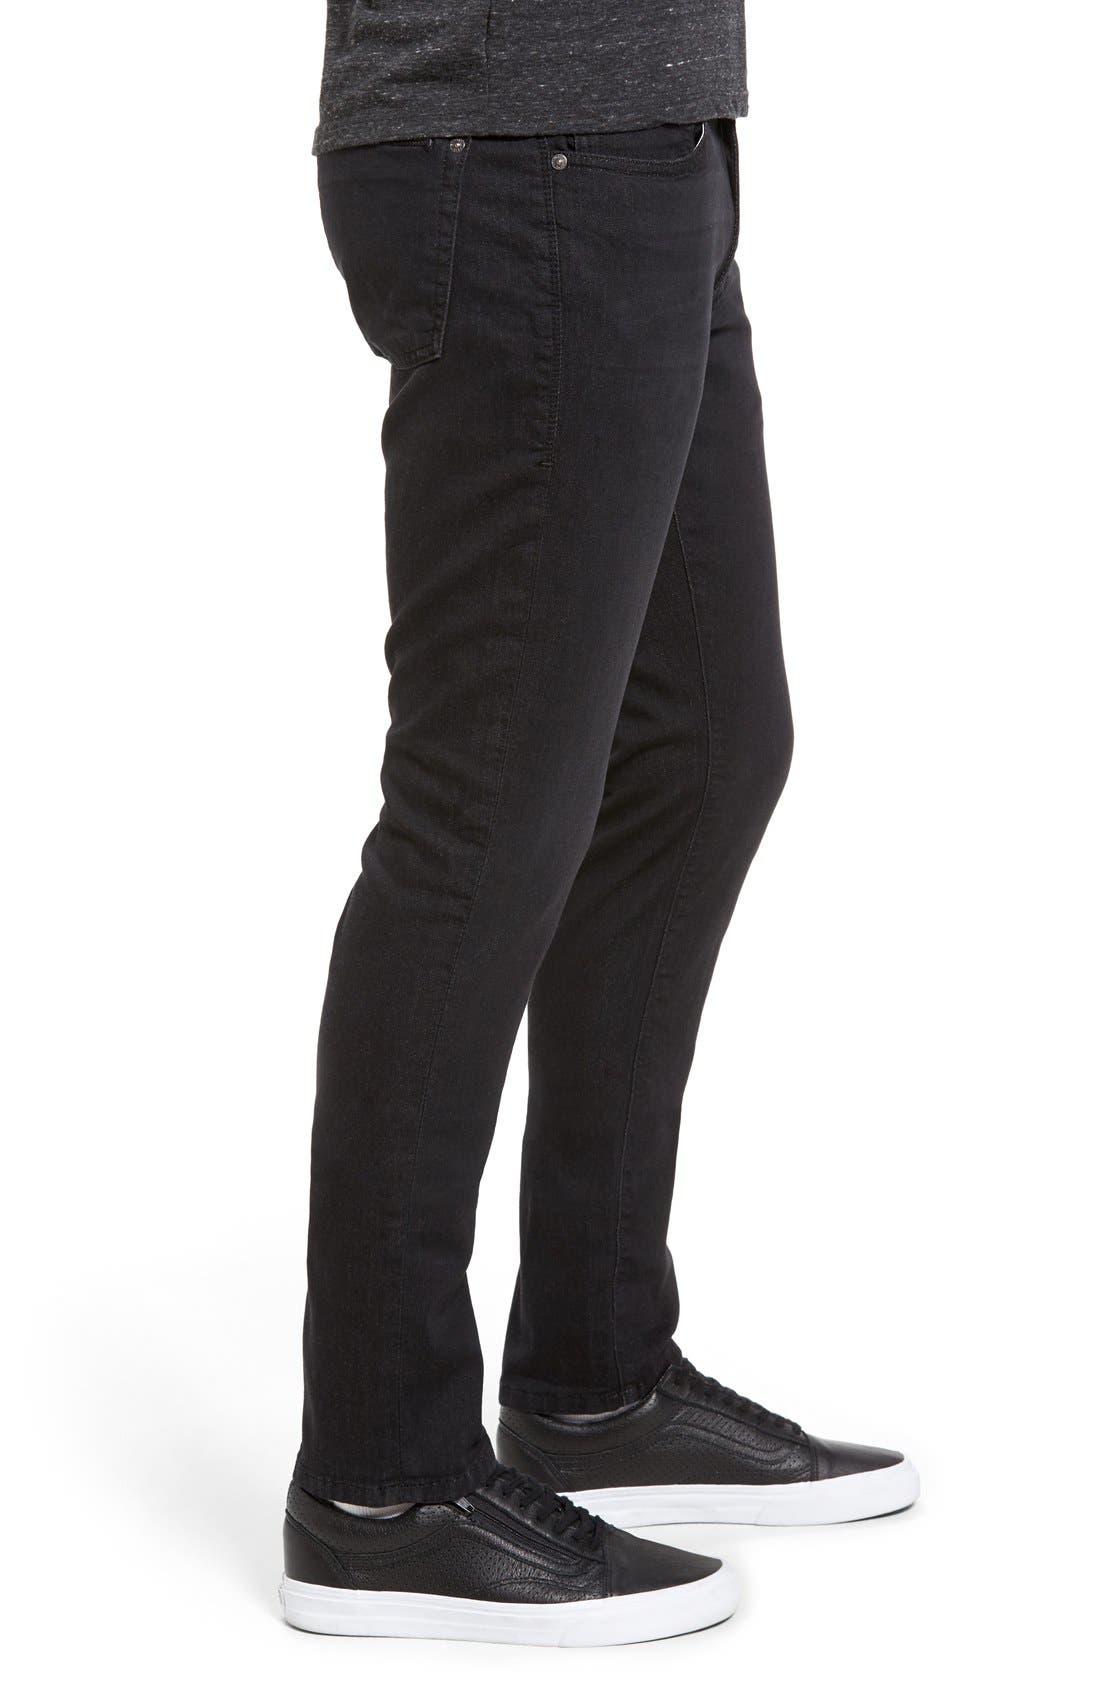 Torino Slim Fit Jeans,                             Alternate thumbnail 3, color,                             Raven Black